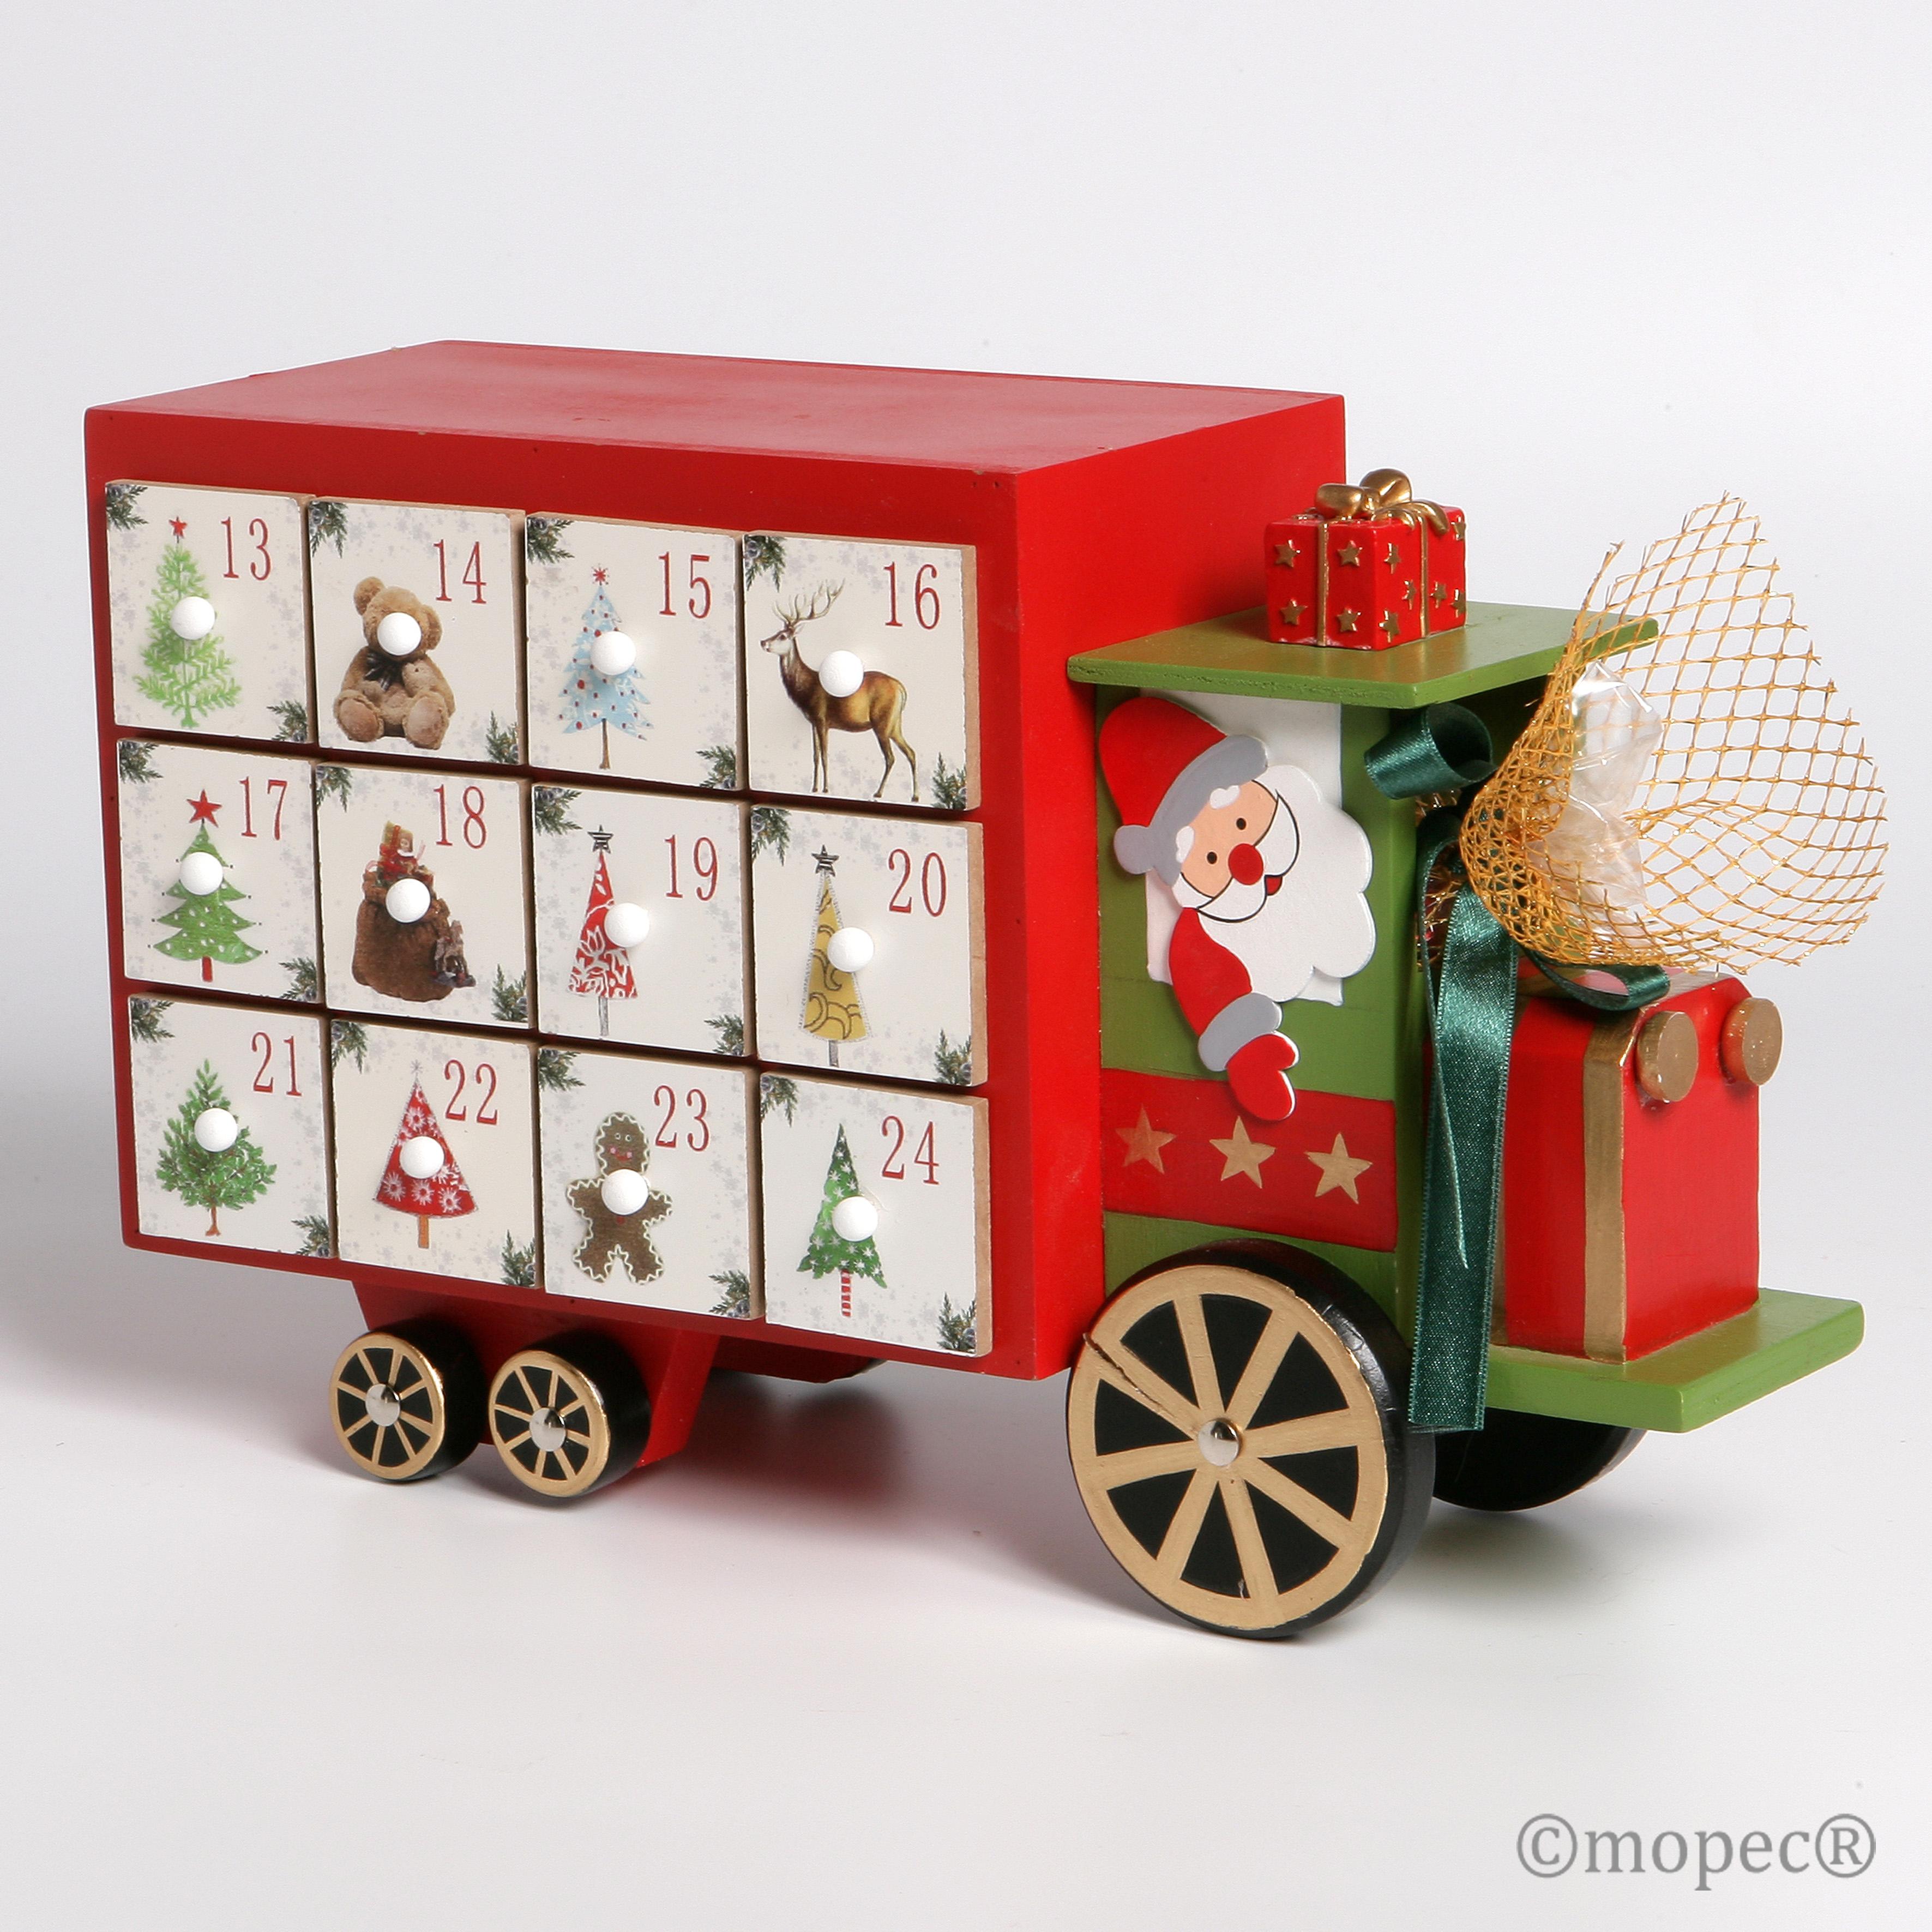 Cami n madera calendario adviento con chocolates - Calendario adviento madera ...